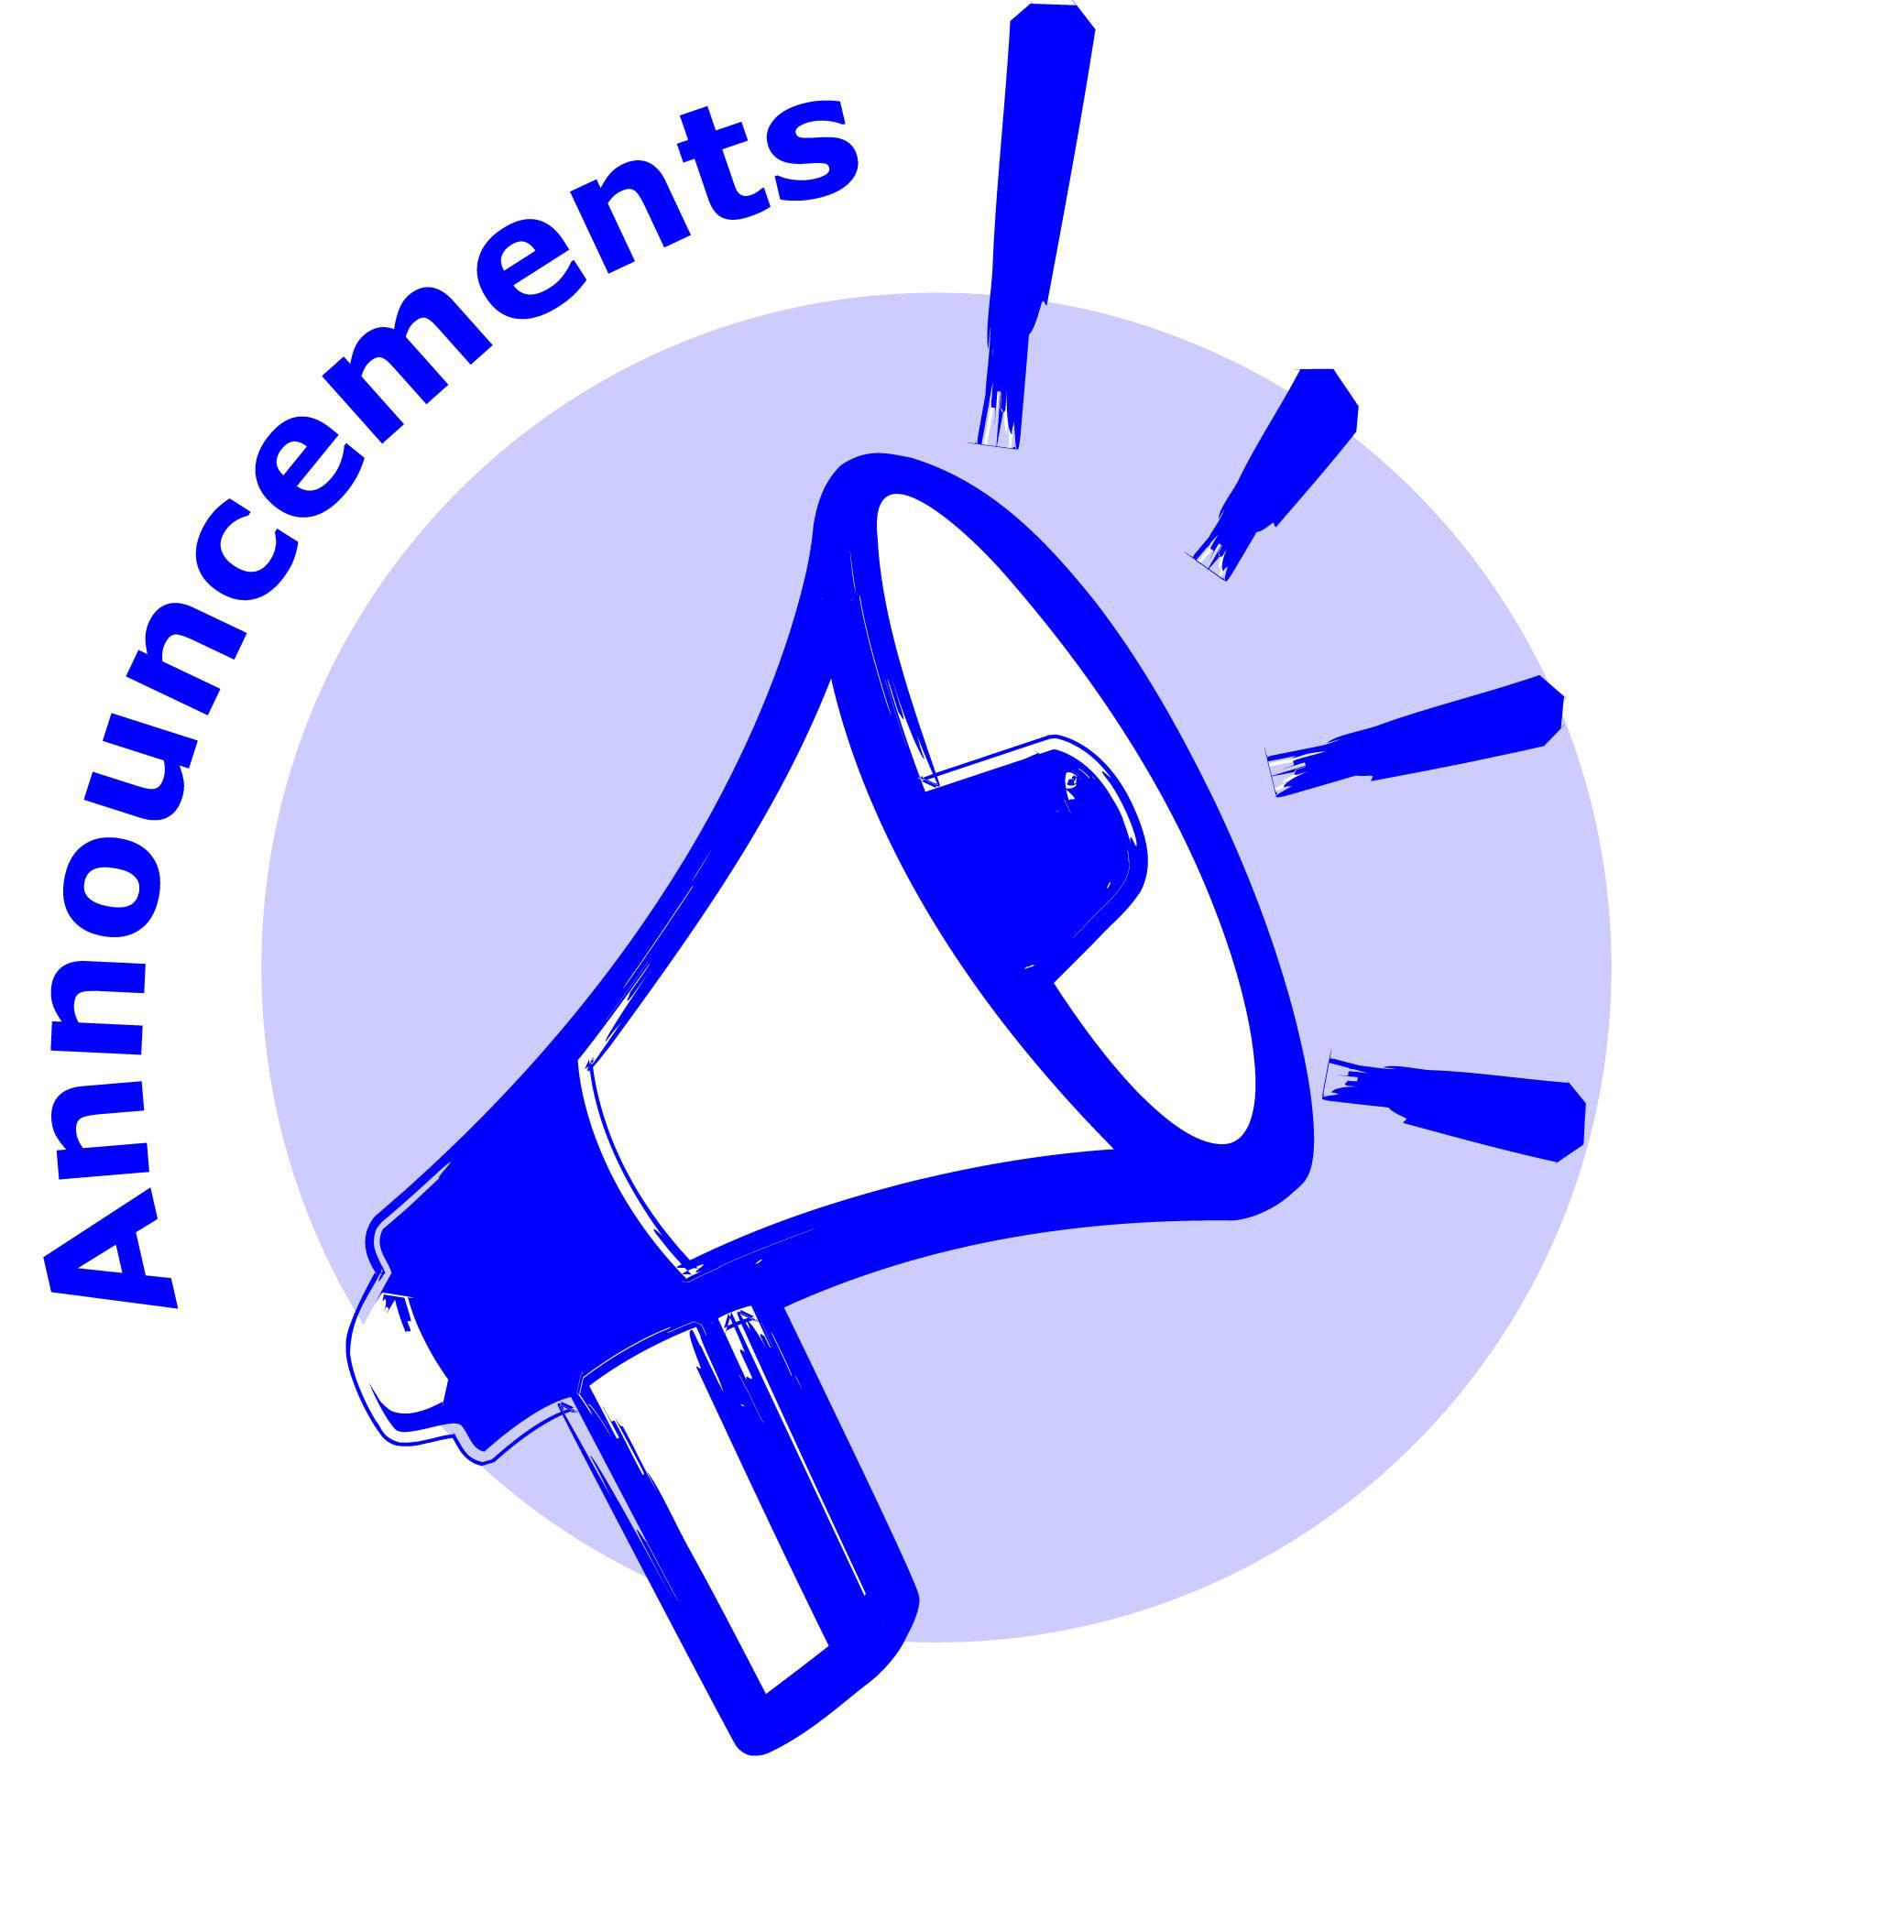 Flash clipart important announcement Images Announcement Illustrations Art Announcement